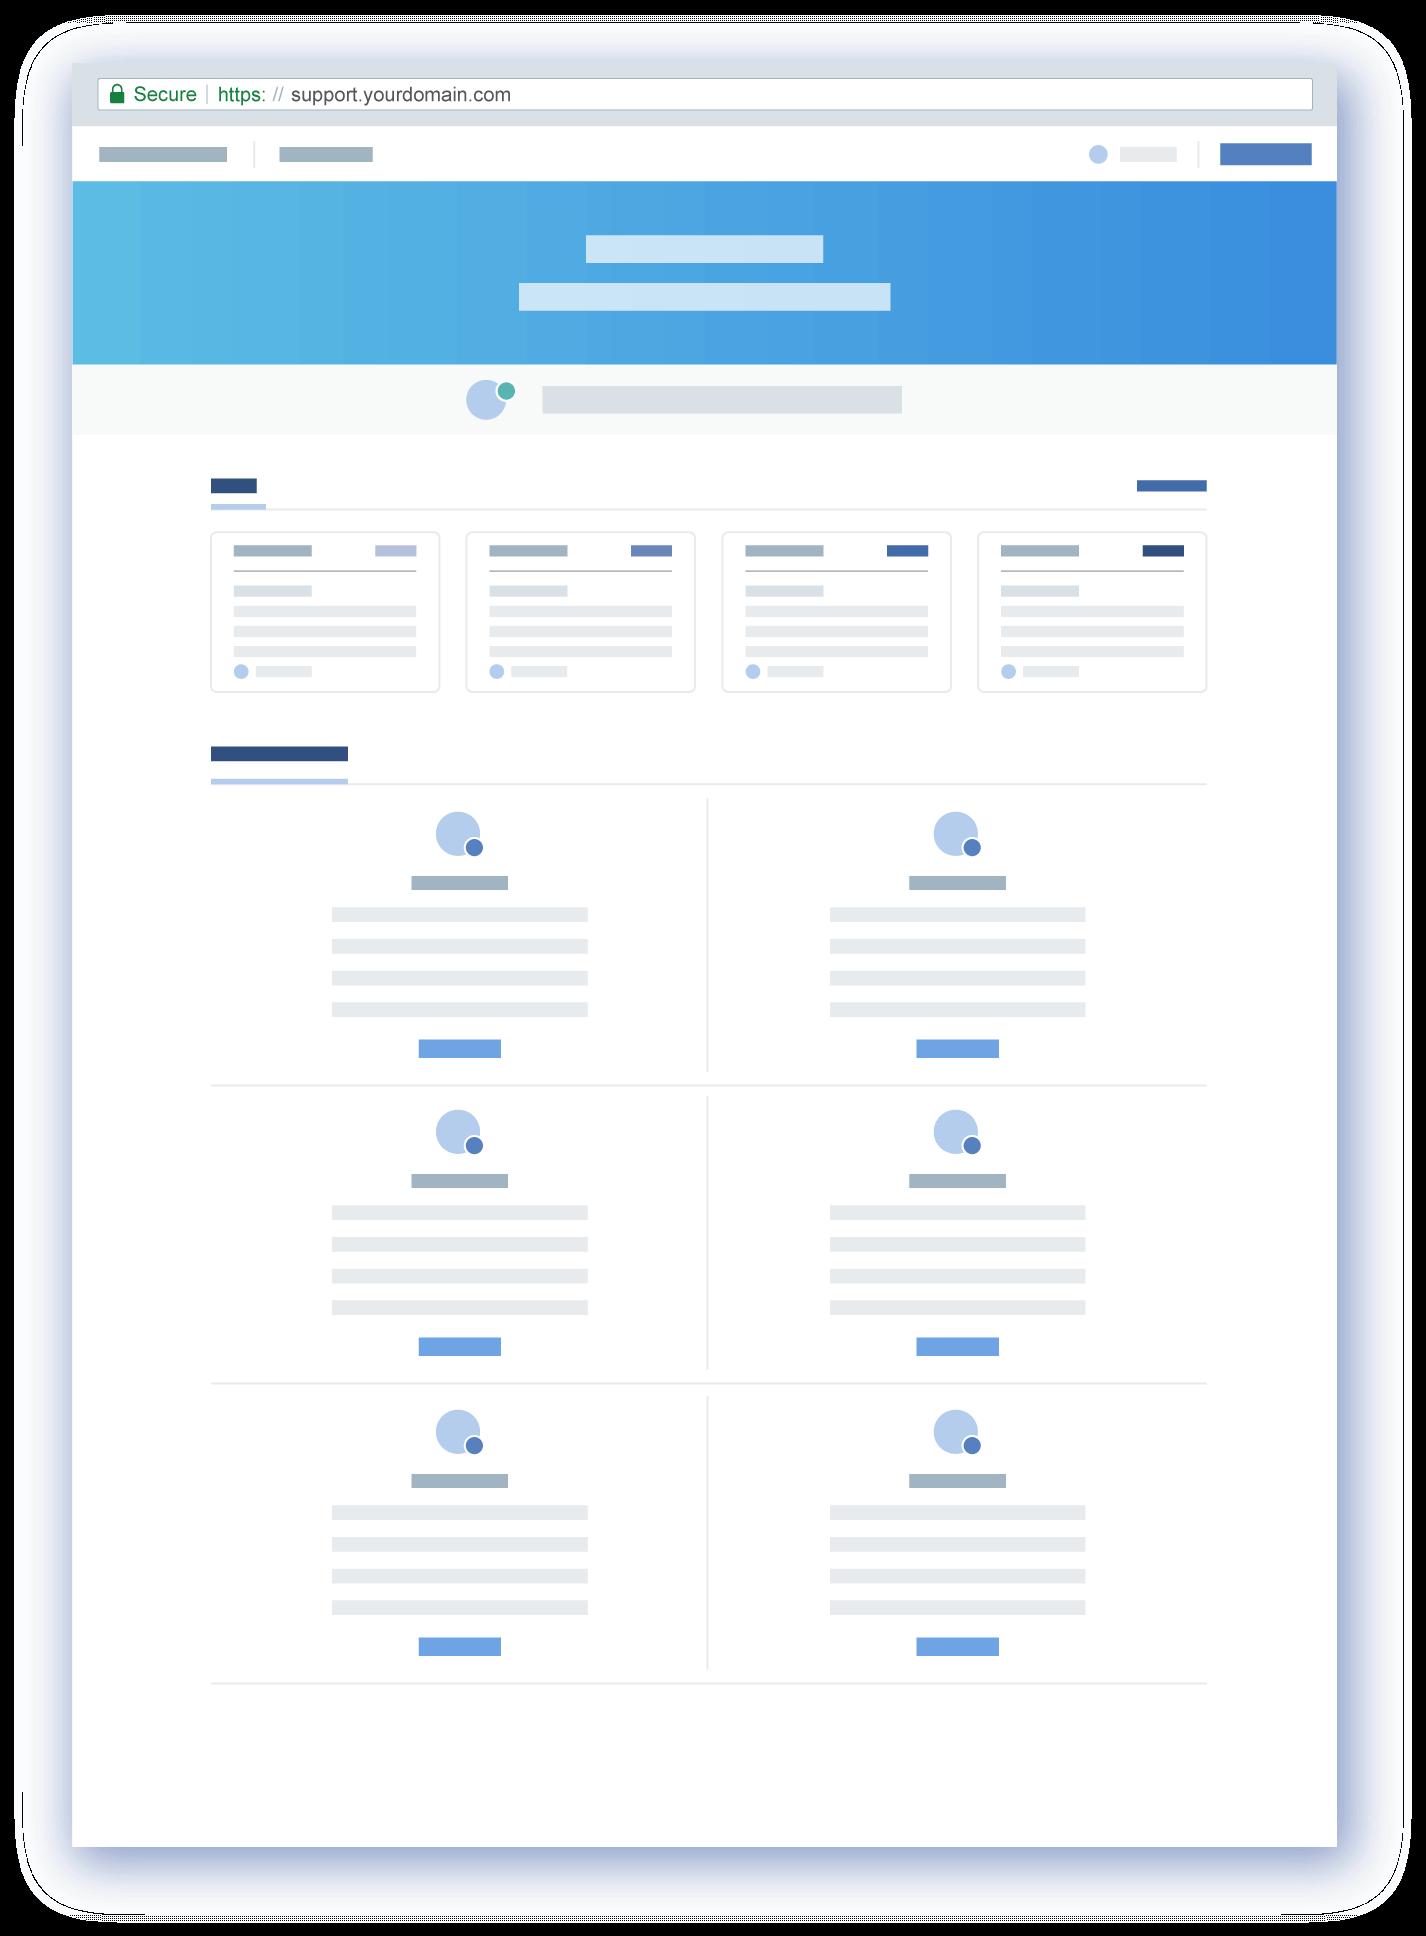 Deskpro | Helpdesk Software | Cloud or Self-Hosted, On-Premise